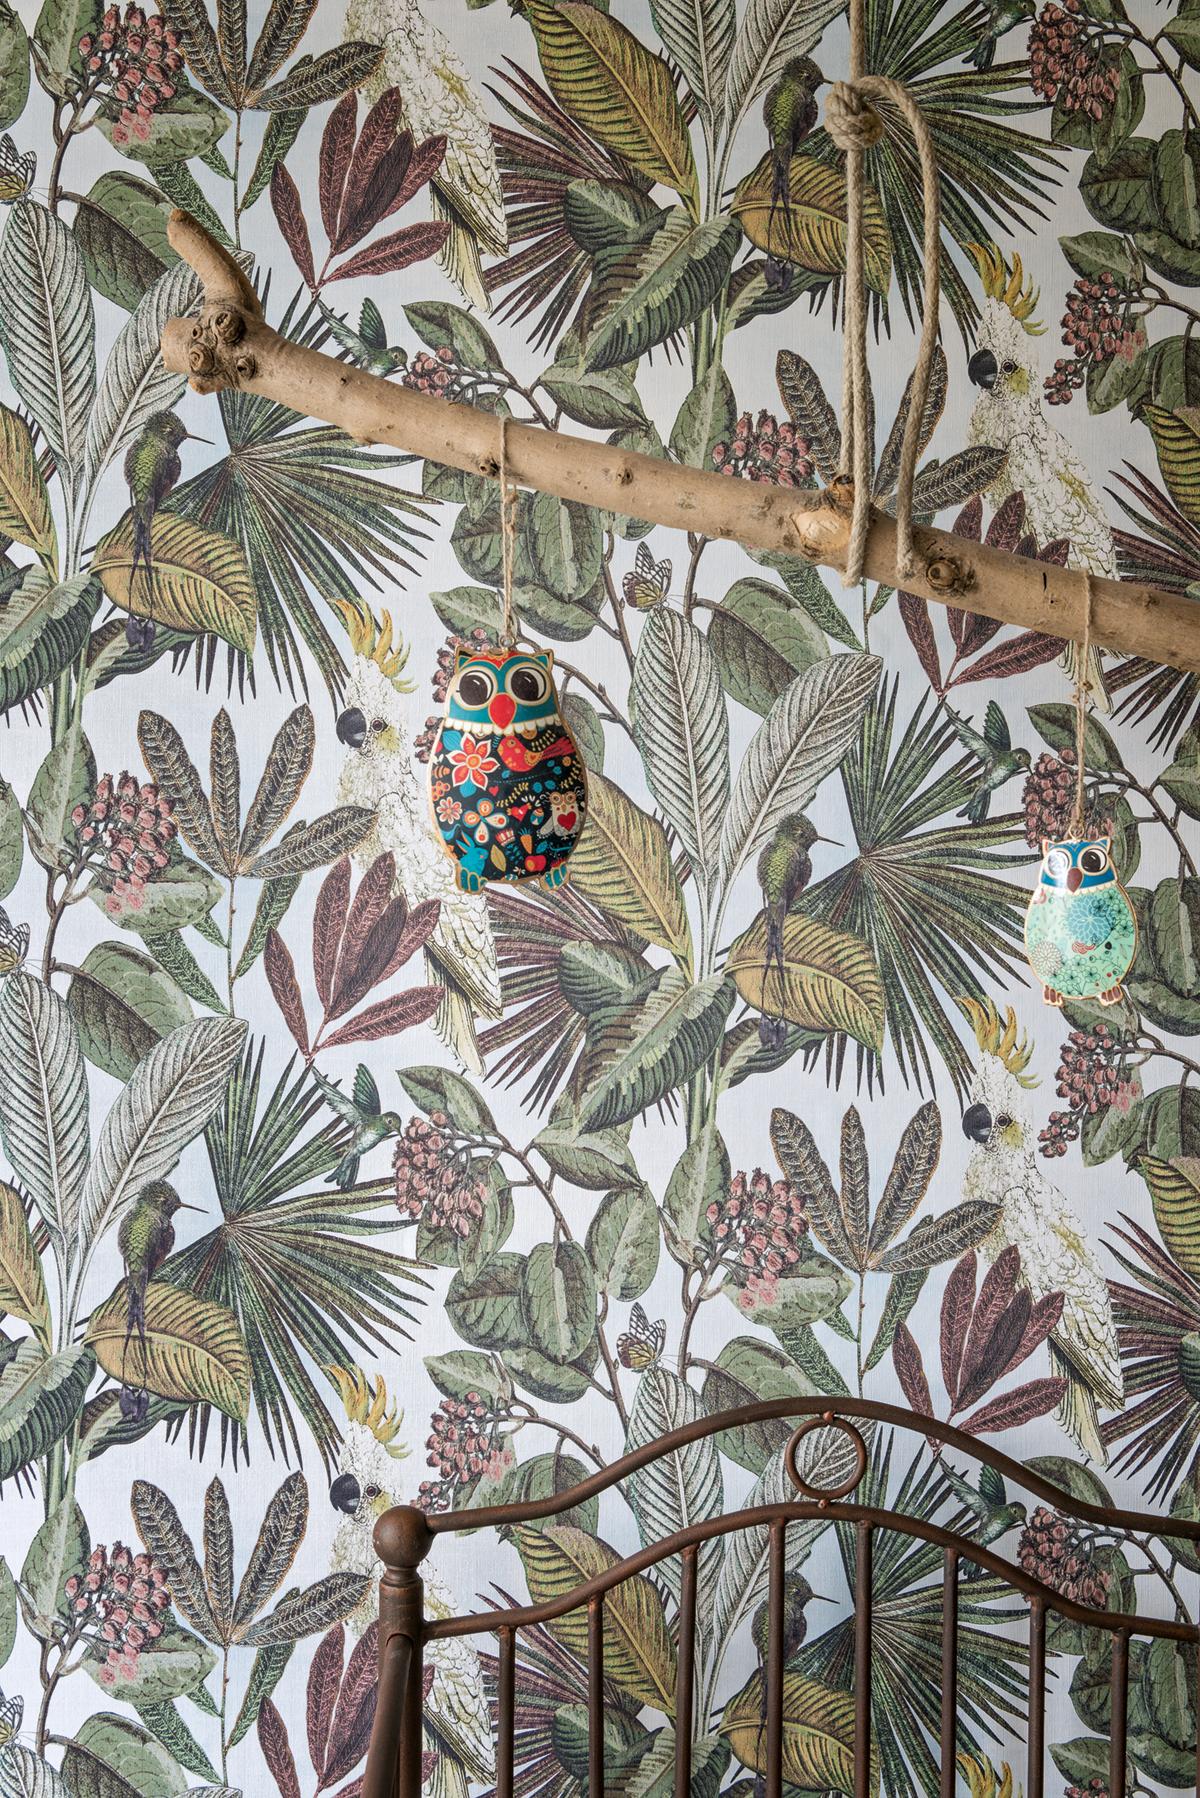 Papier peint Oiseaux tropicaux bleu clair - Savana de Lutèce AMB | Réf. LTC-SAV122